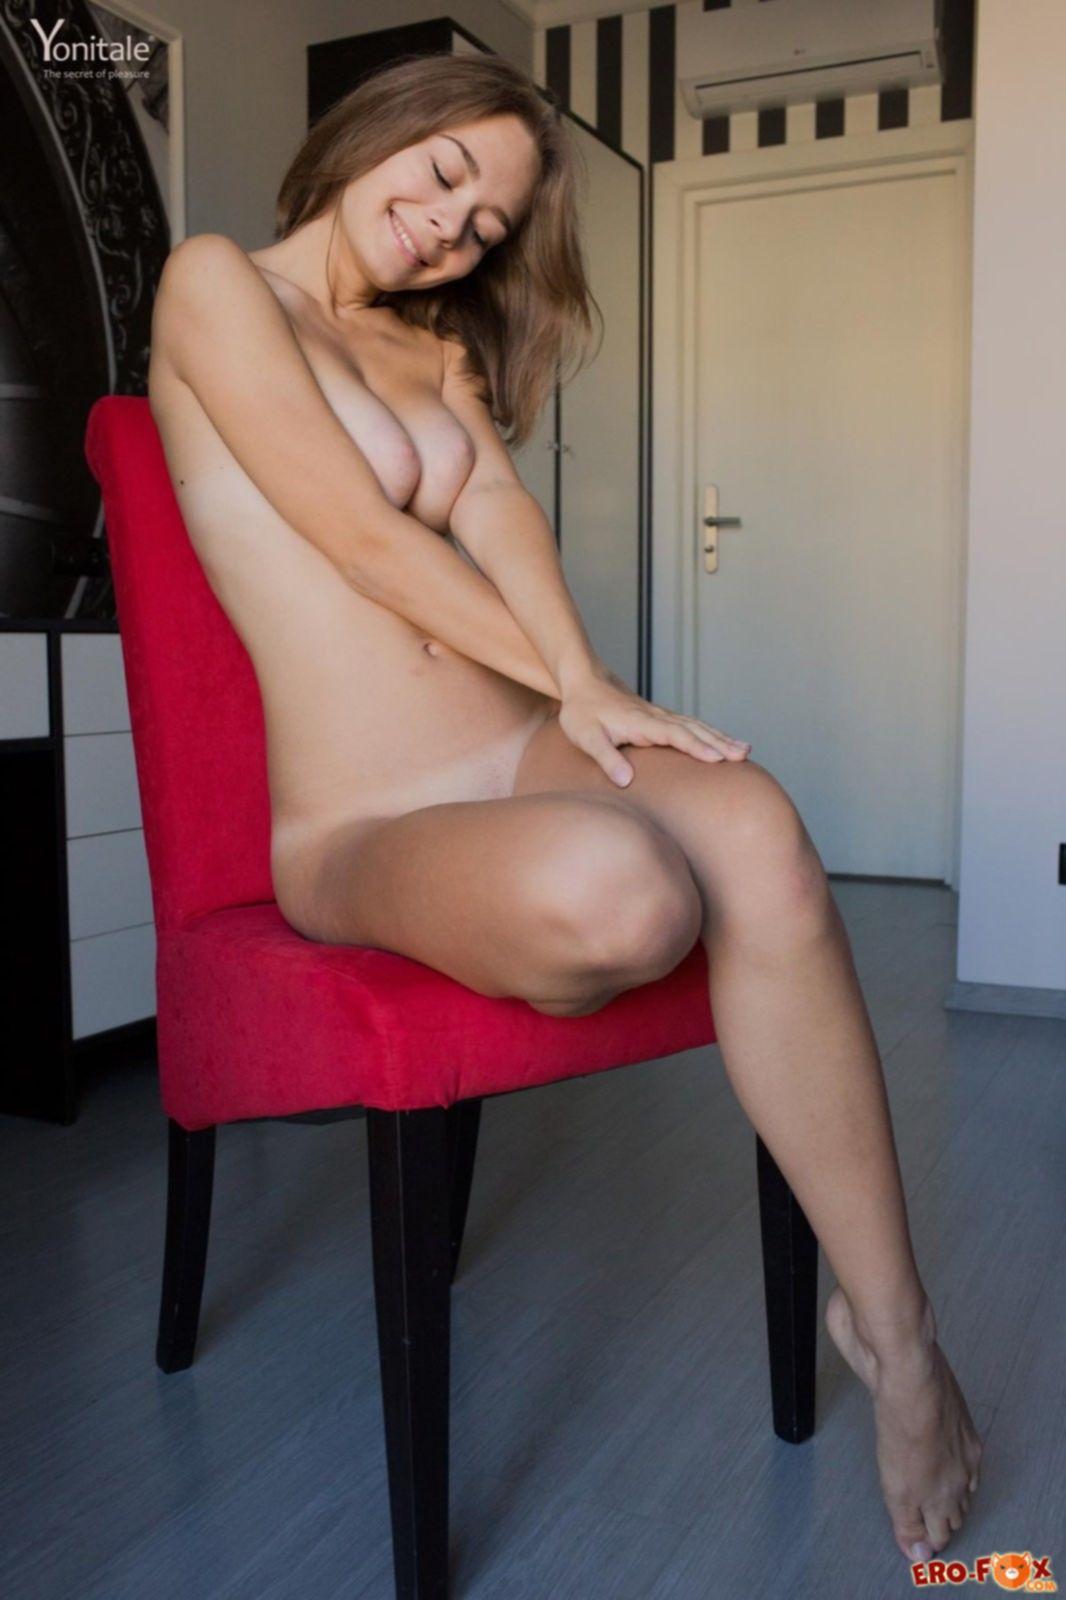 Стройная девка эротично позирует на красном стуле - фото